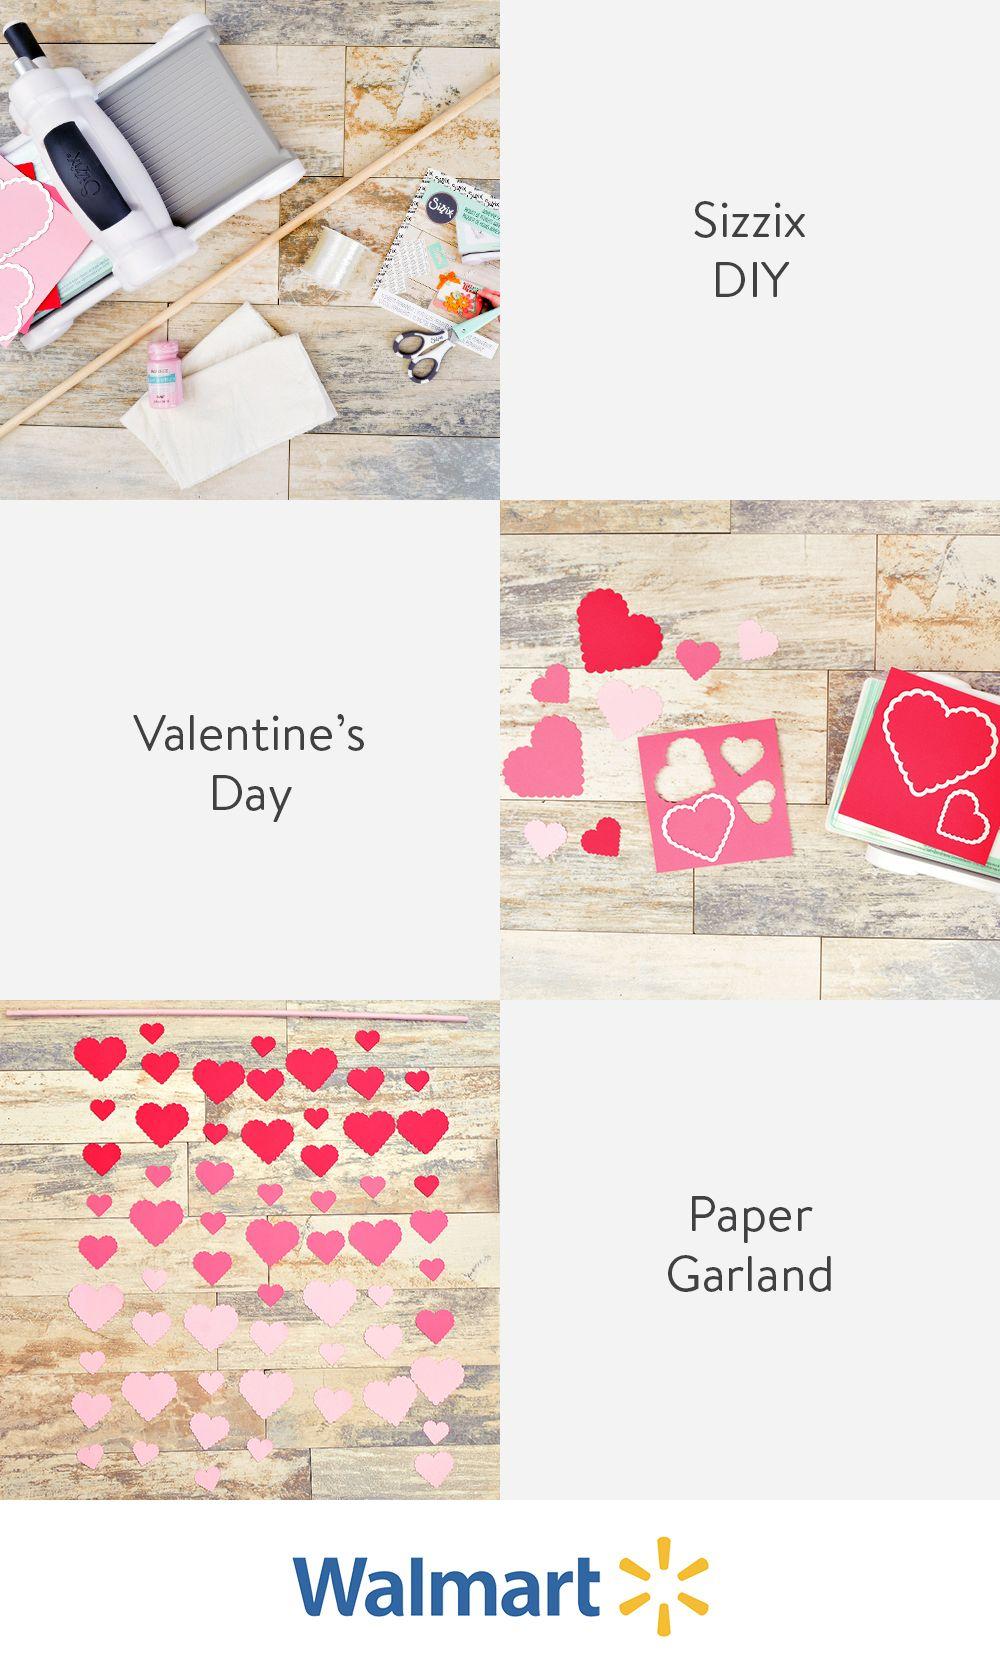 Sizzix DIY Valentine's Day Heart Garland